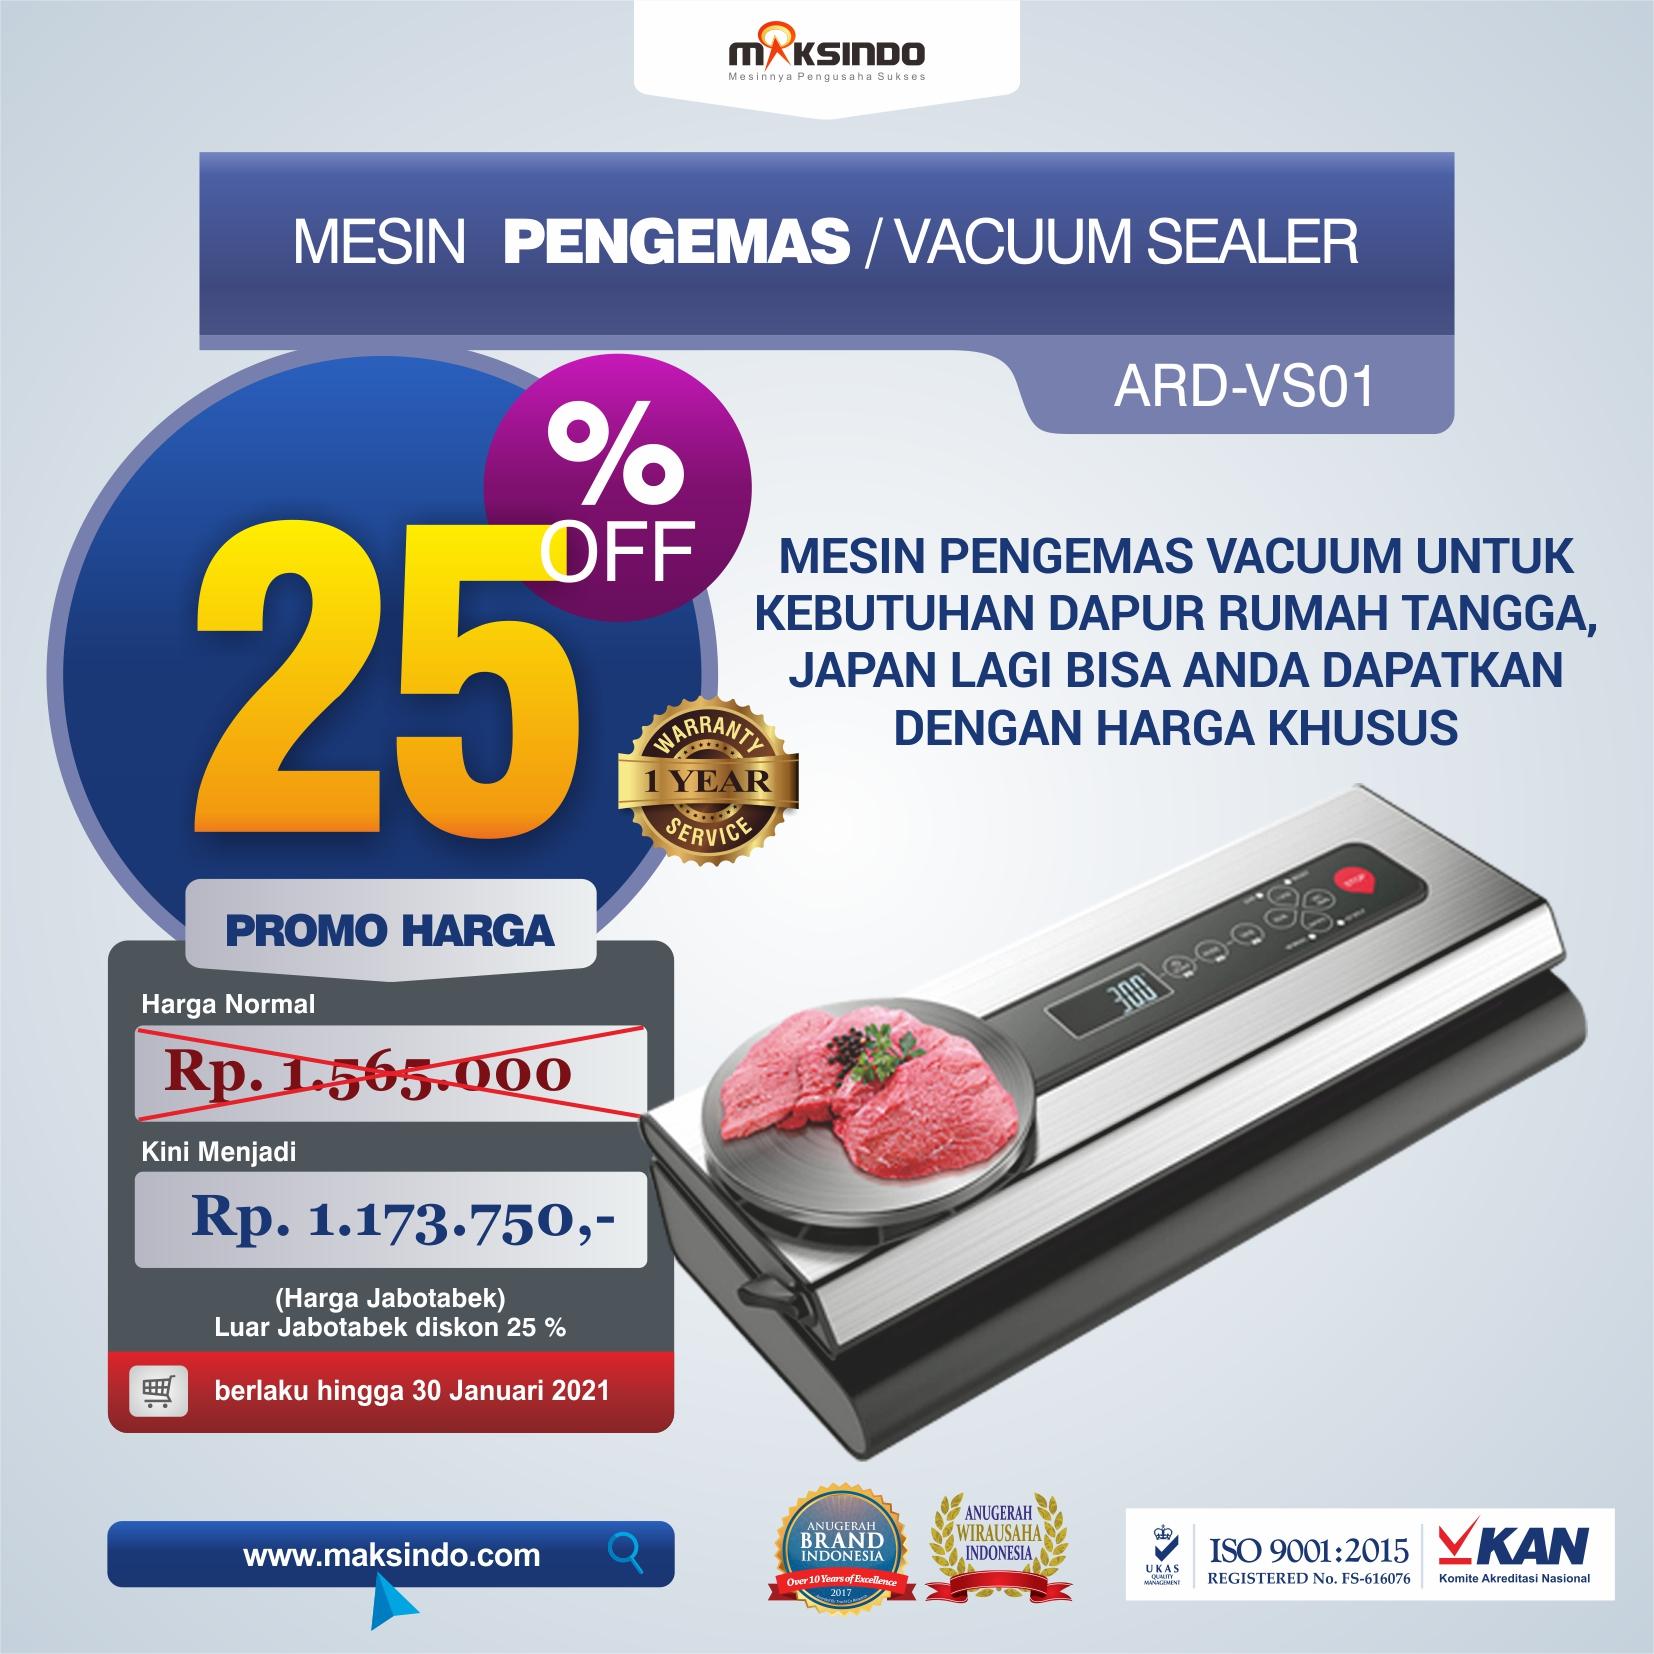 Jual Mesin Pengemas Vacuum Sealer ARD-VS01 di Makassar